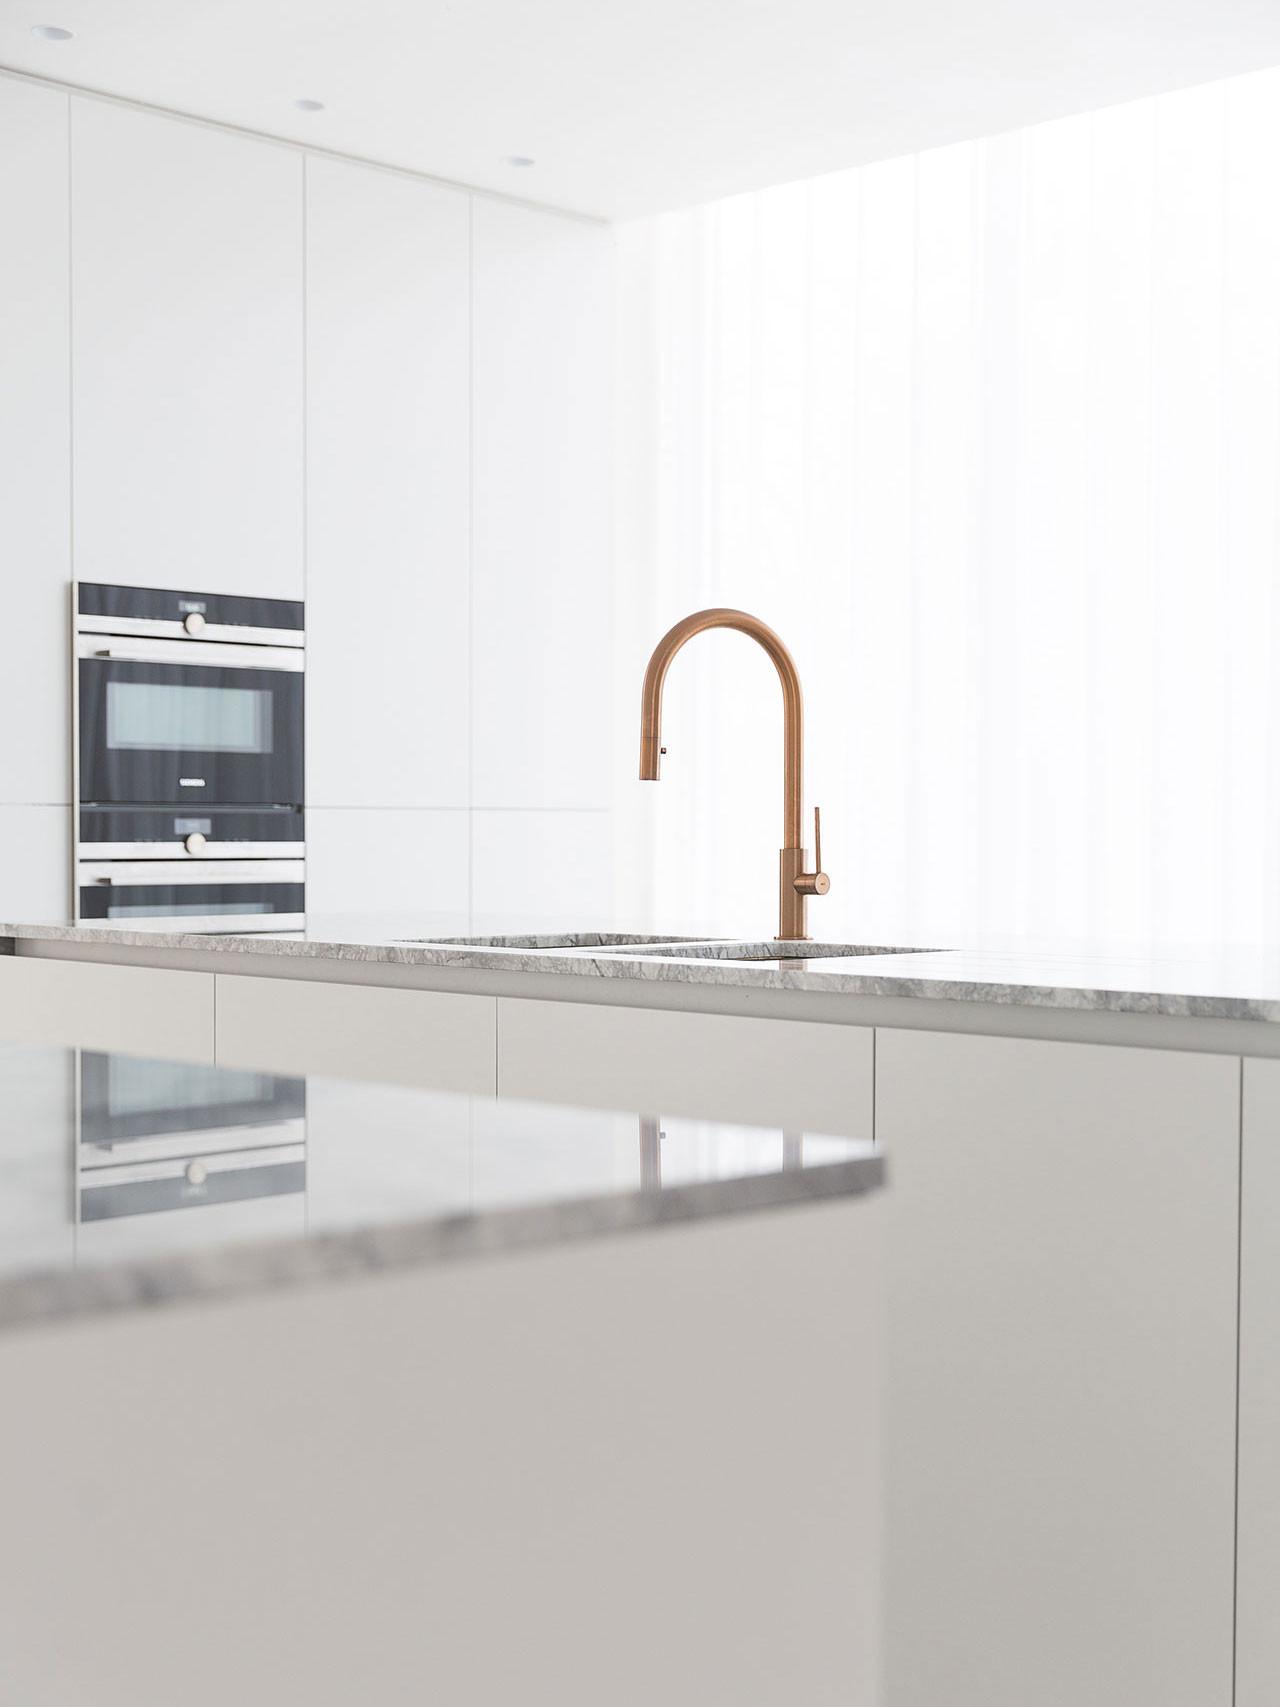 Dekeyzer-hedendaagse-keuken-realisatie-Gent-natuursteen-6.jpg